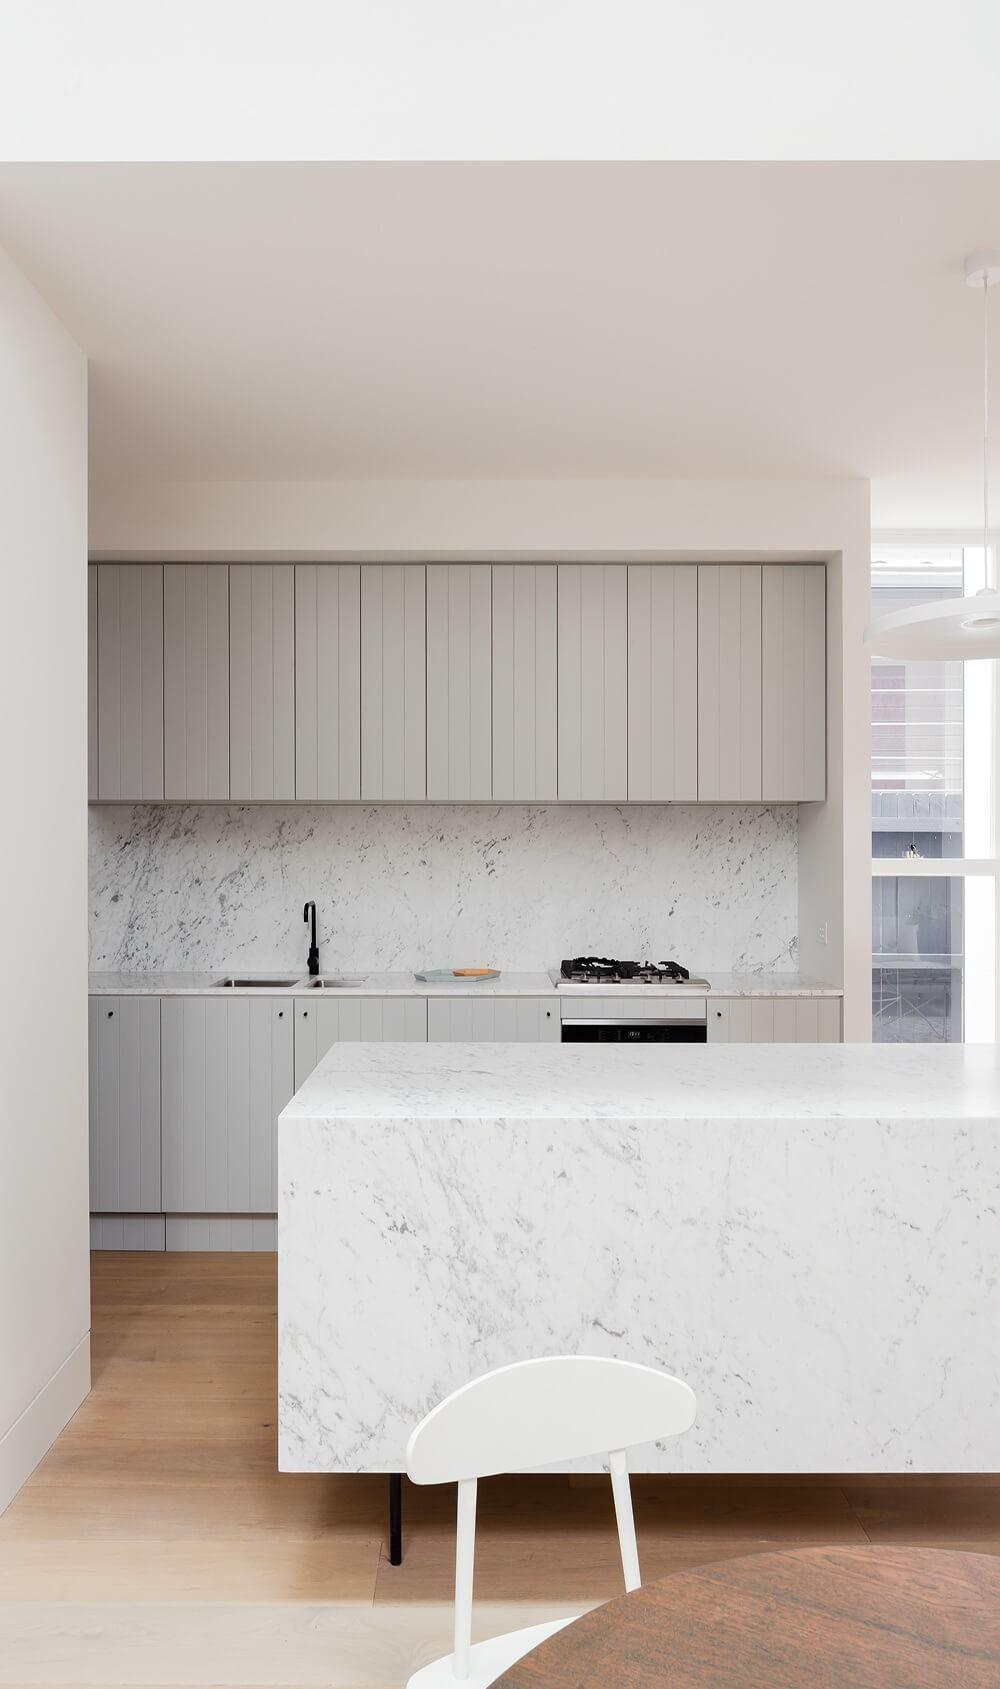 Monte uma cozinha clean com decoração cinza e branco